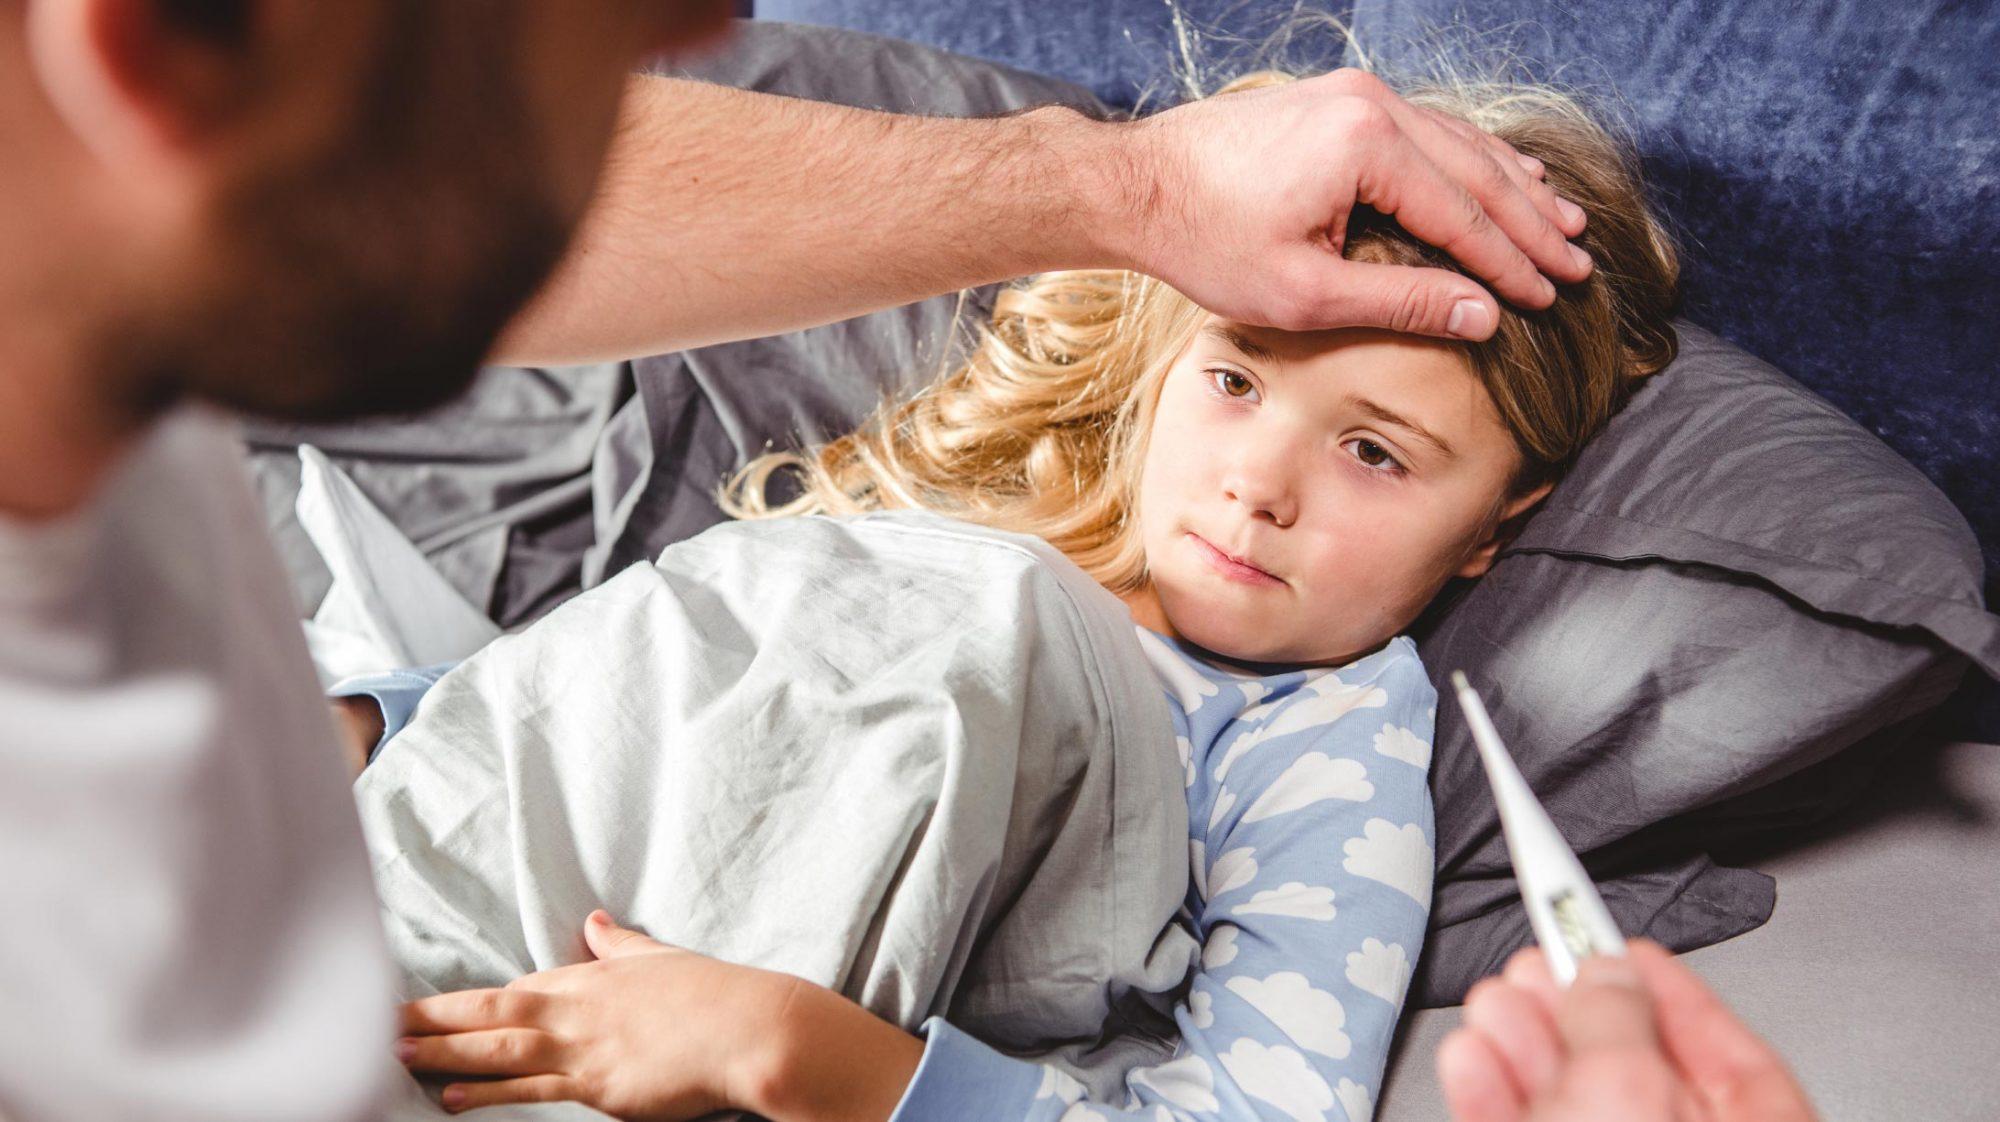 Ein Kind mit Fieber und Mittelohrentzündung im Bett